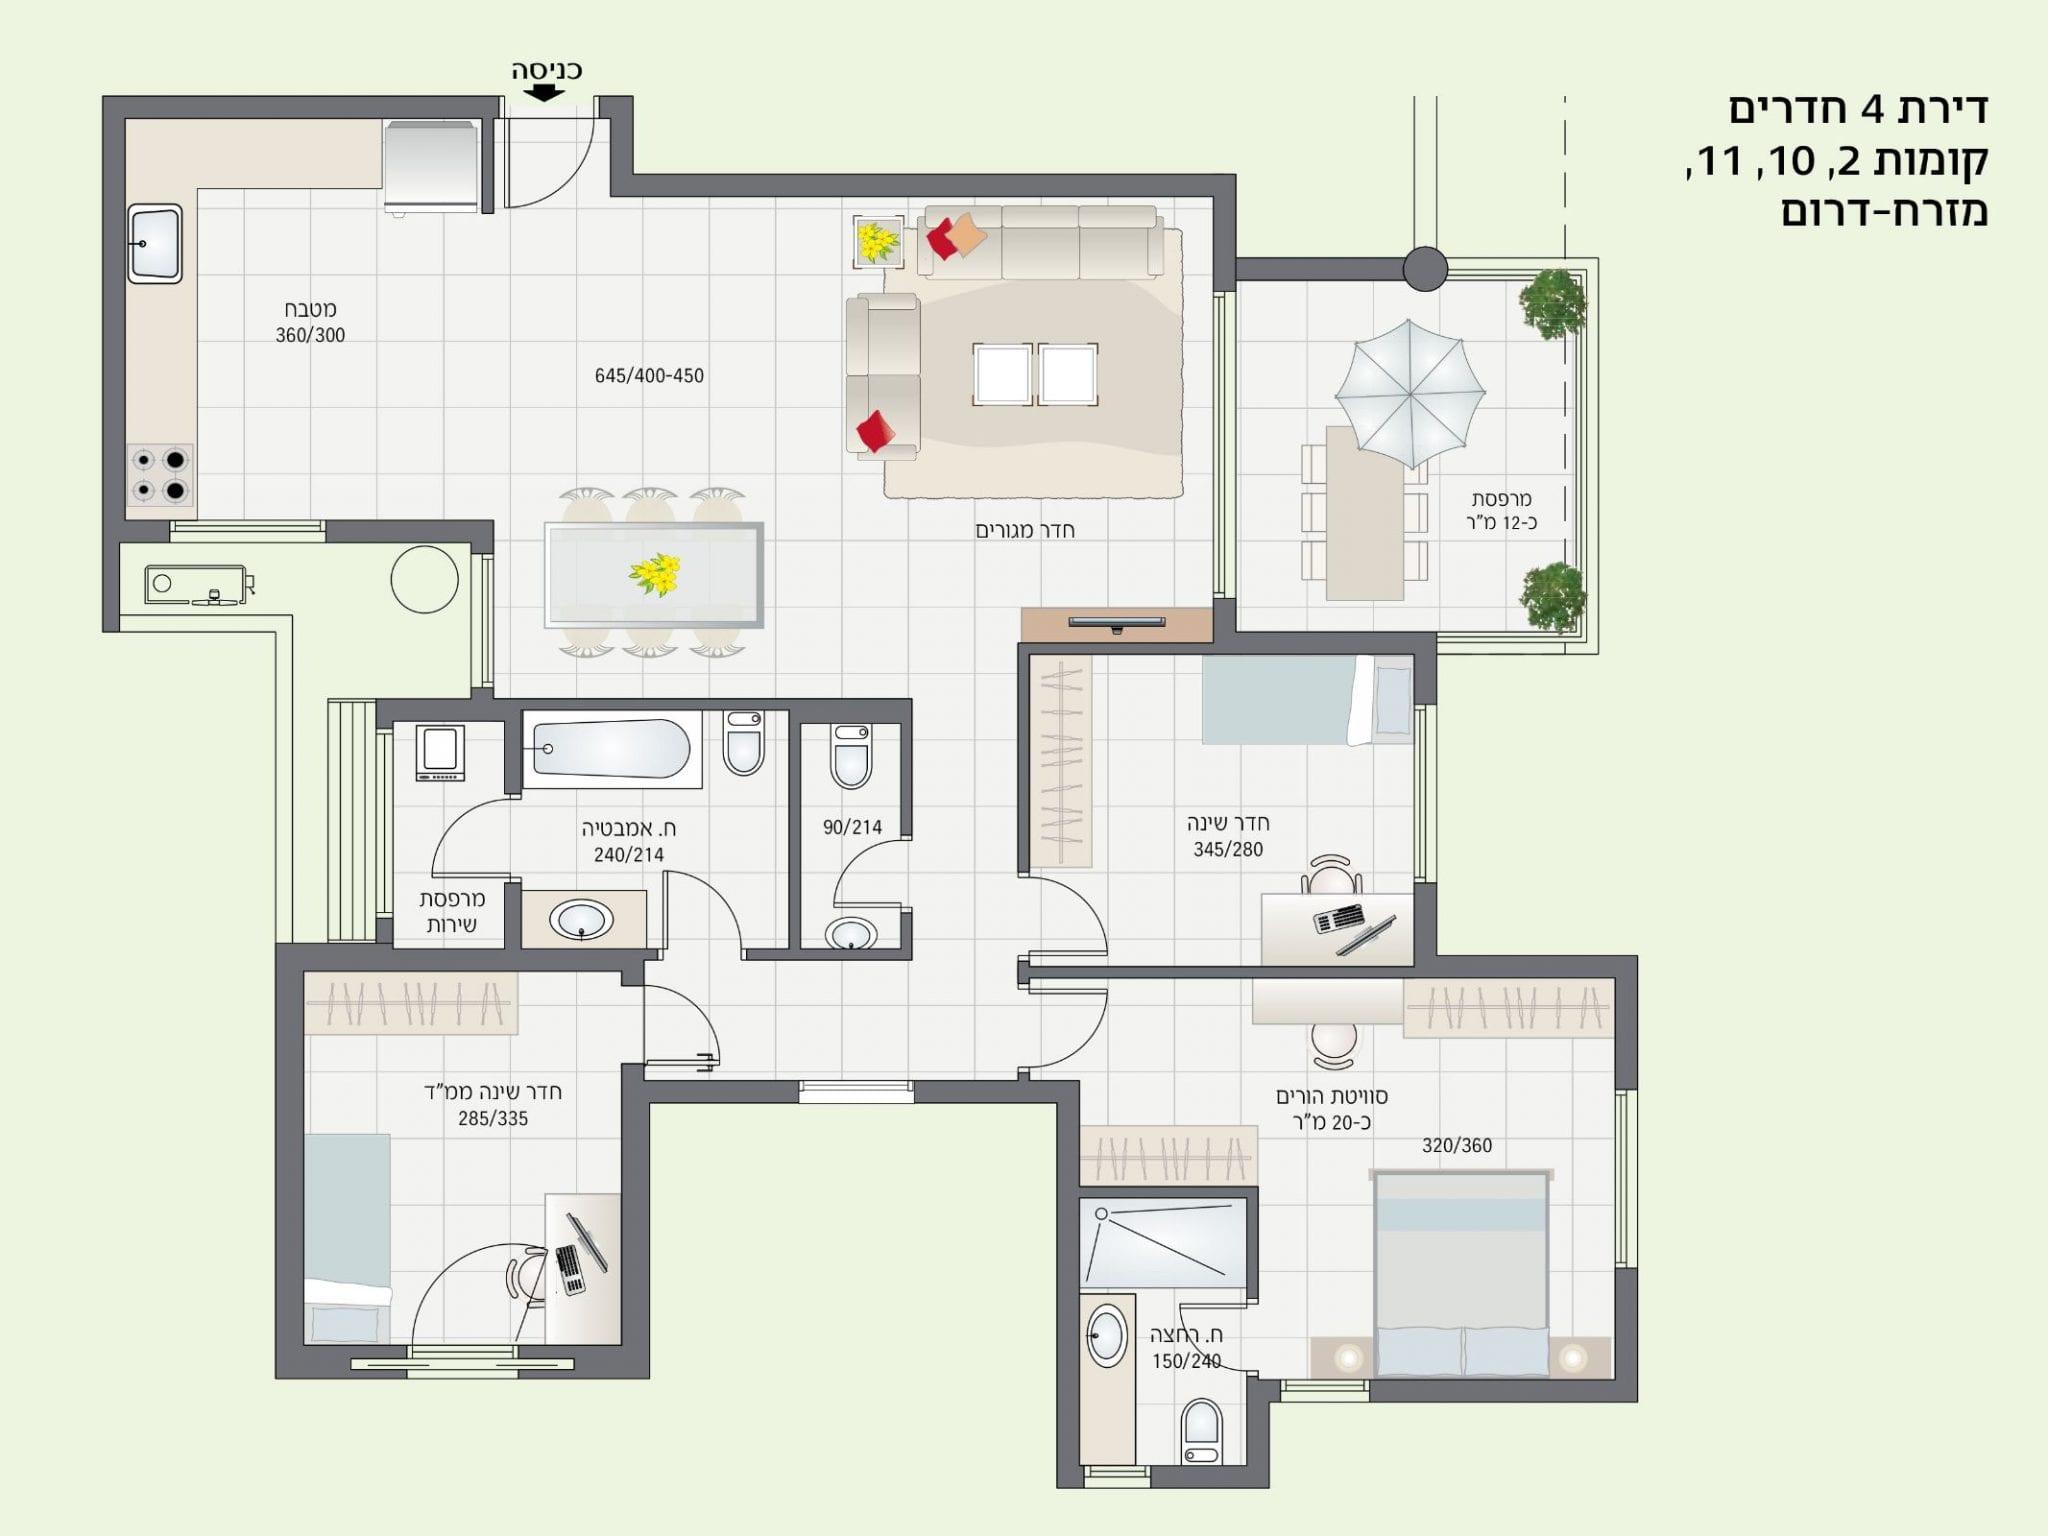 דירת 4 חדרים קומות 2,10,11